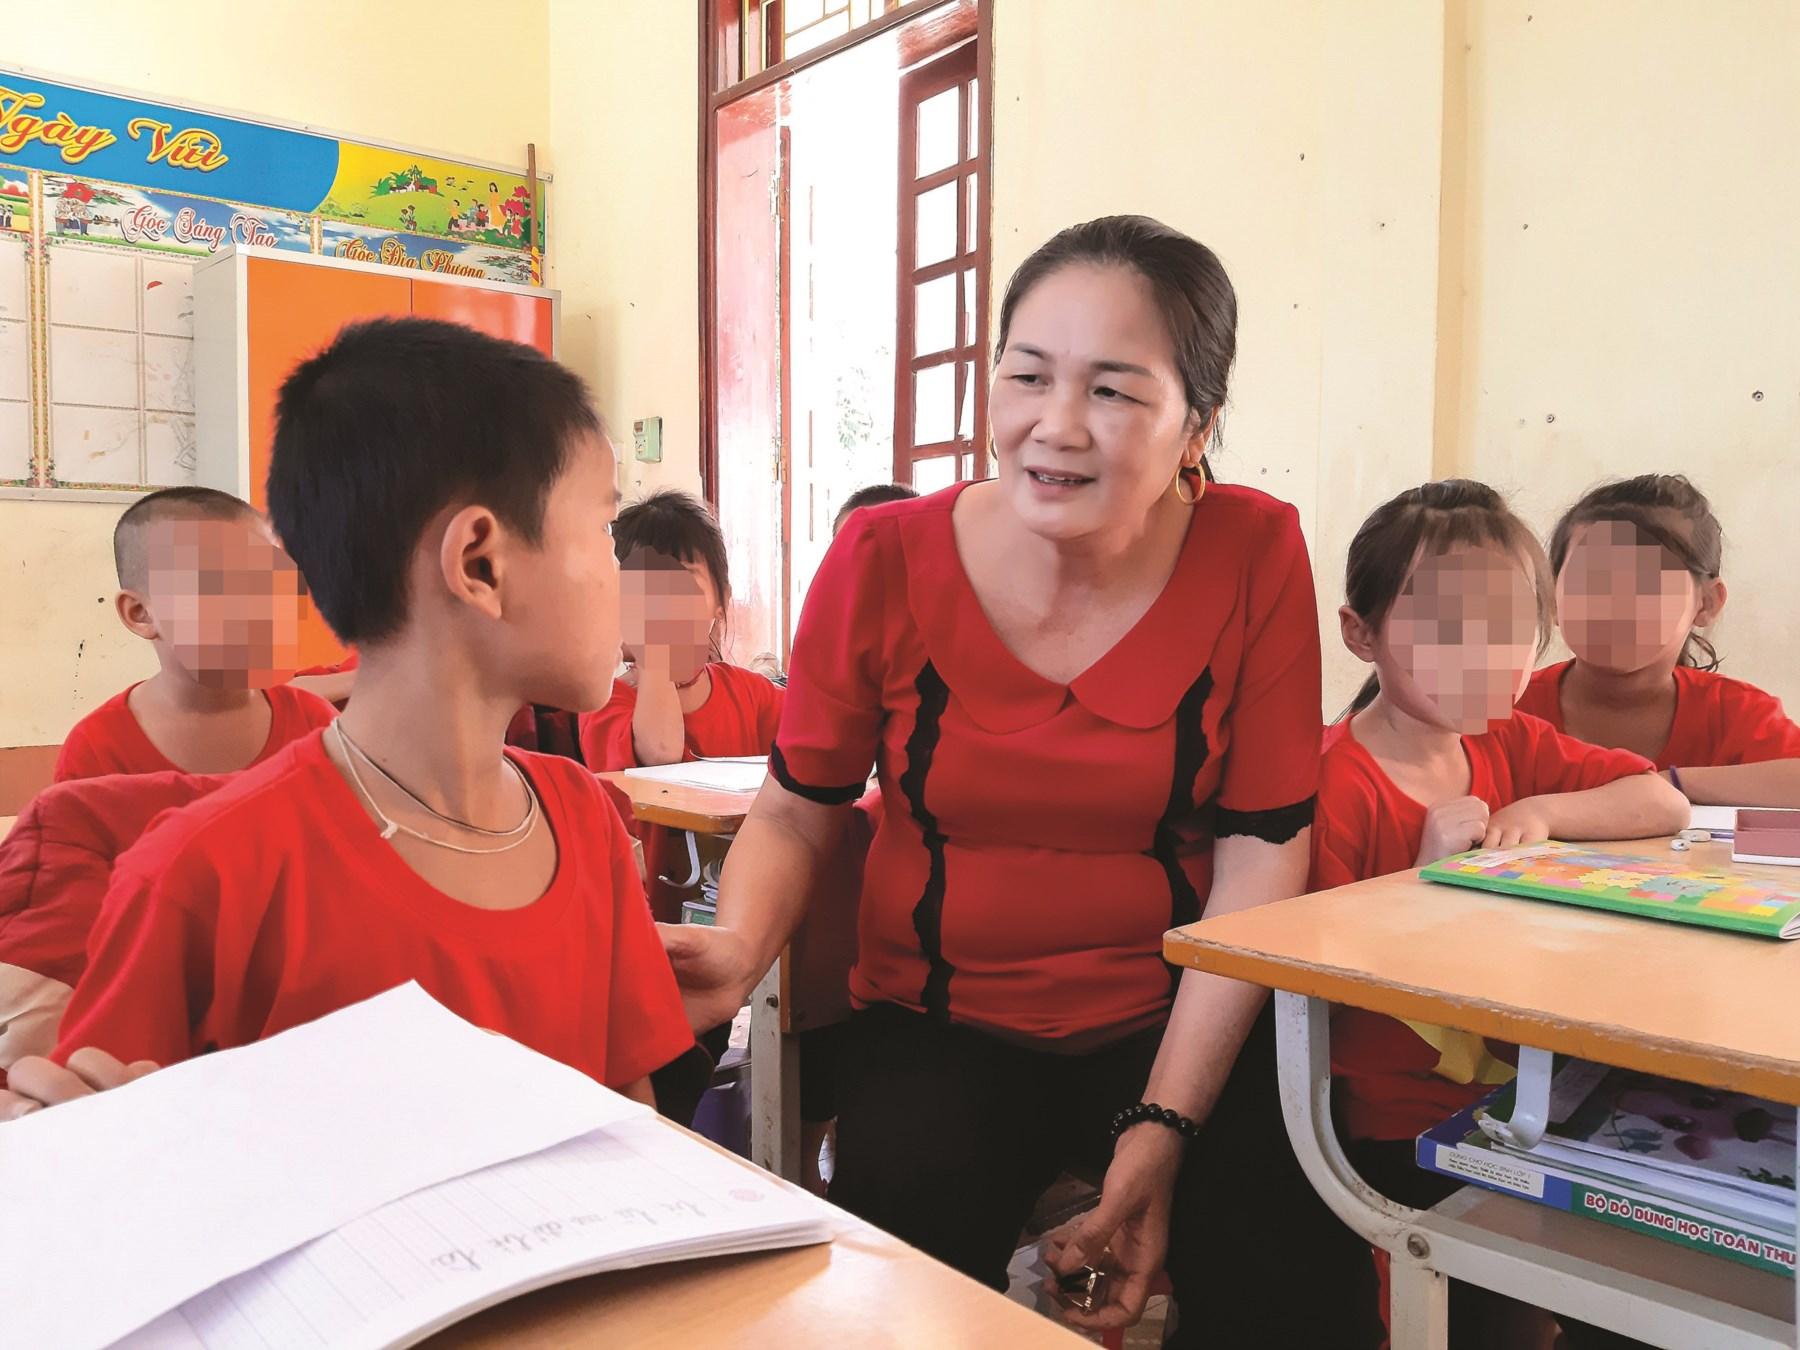 Không đơn thuần là dạy chữ, những thầy cô còn luôn sát sao động viên, giúp đỡ các em nên người